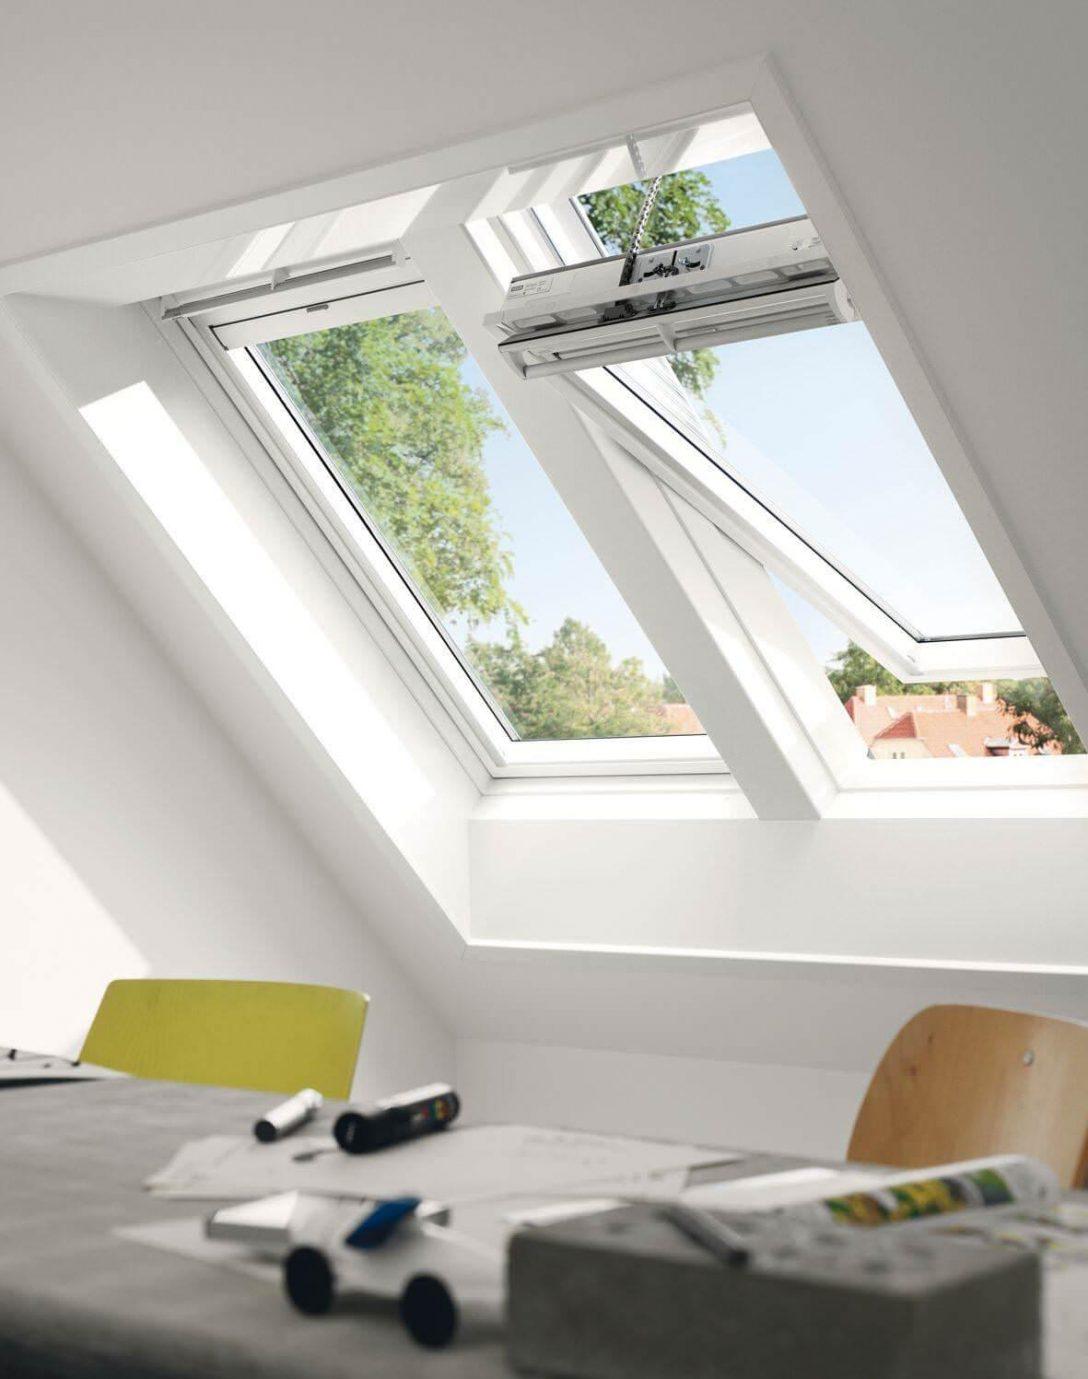 Large Size of Velux Fenster Veludachfenster Ggu Sd0j230 Kunststoff Integra Solarfenster Insektenschutzgitter Preisvergleich Insektenschutz Rc 2 Mit Sprossen Alarmanlage Rc3 Fenster Velux Fenster